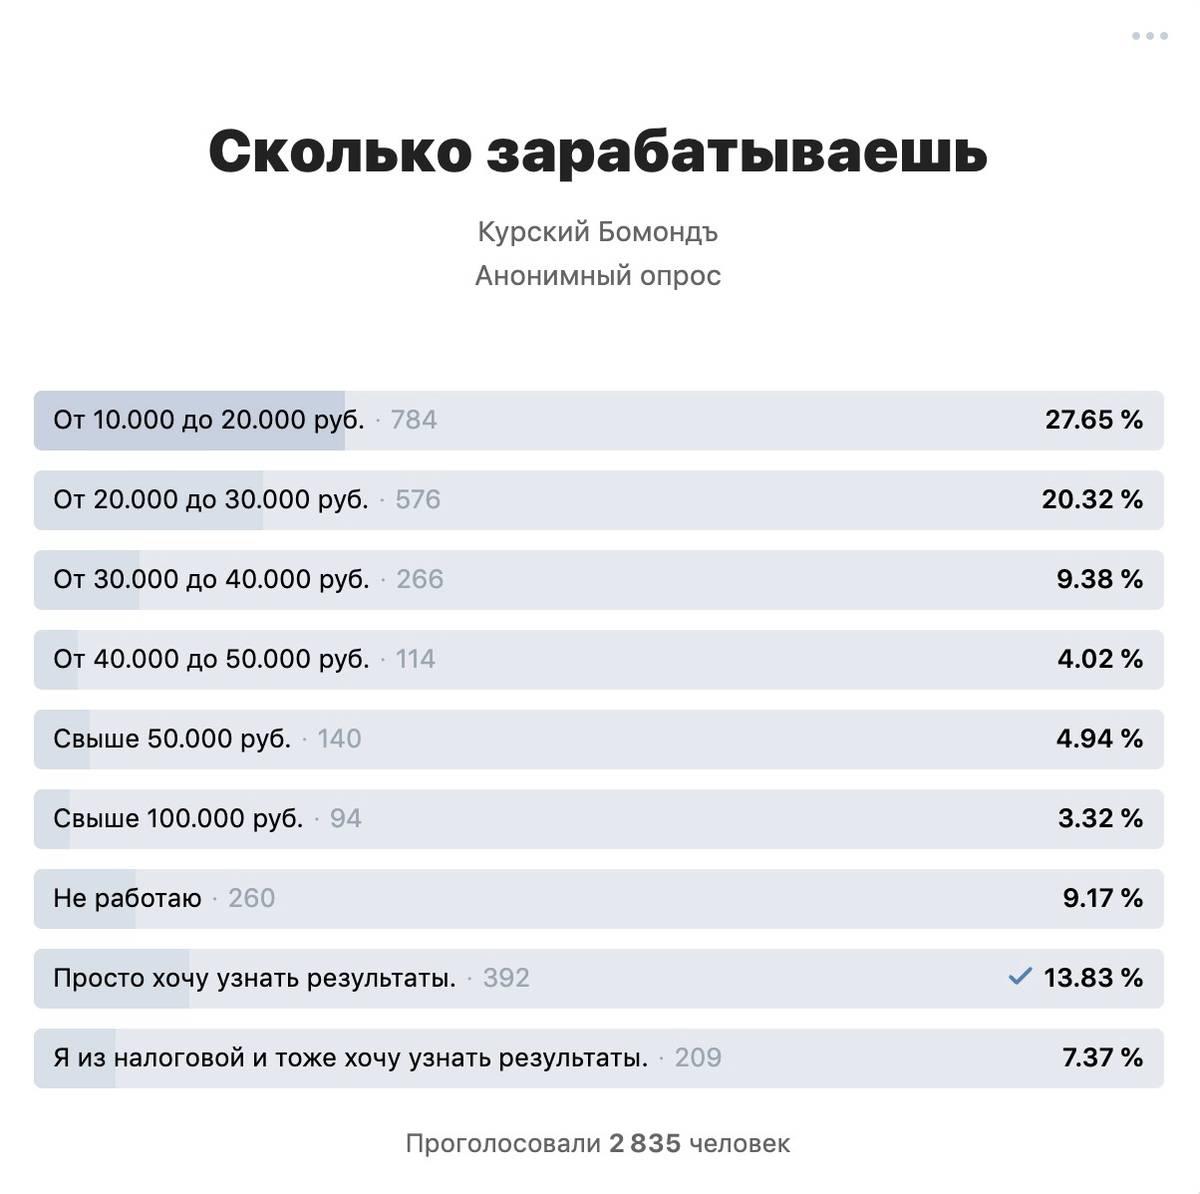 Анонимный опрос популярного курского паблика показывает средний уровень доходов